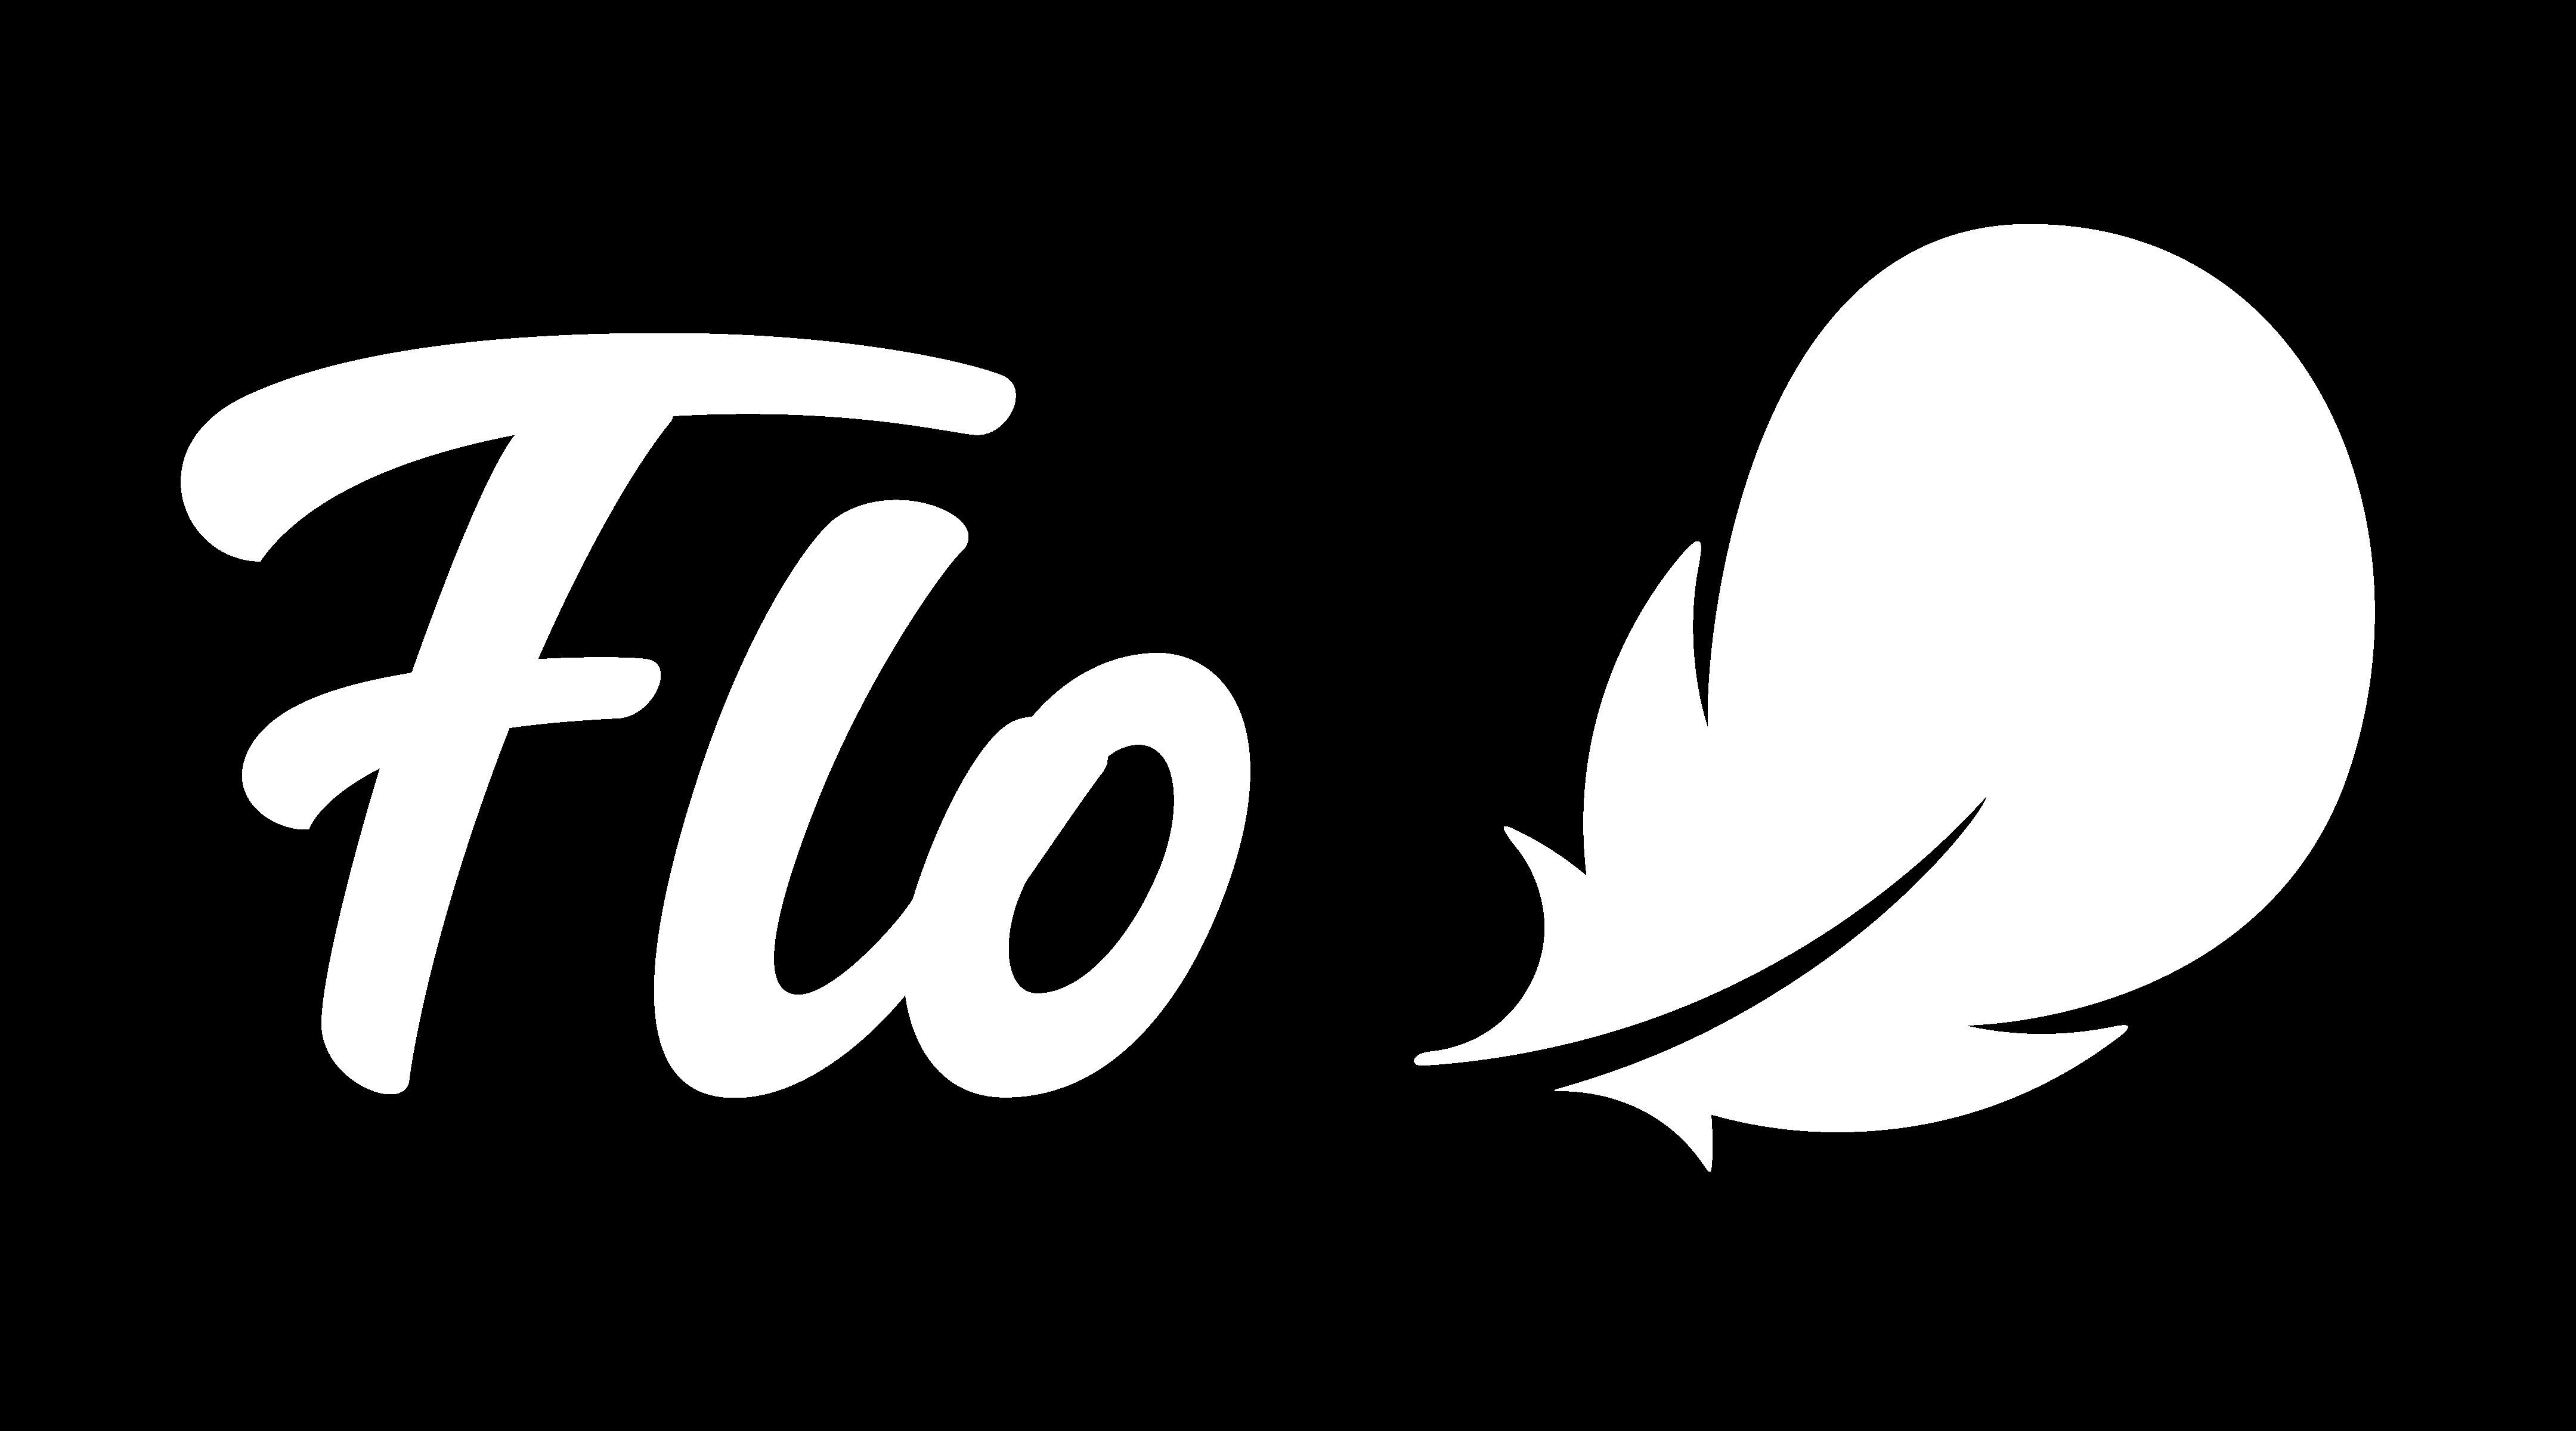 Logotipo de Flo